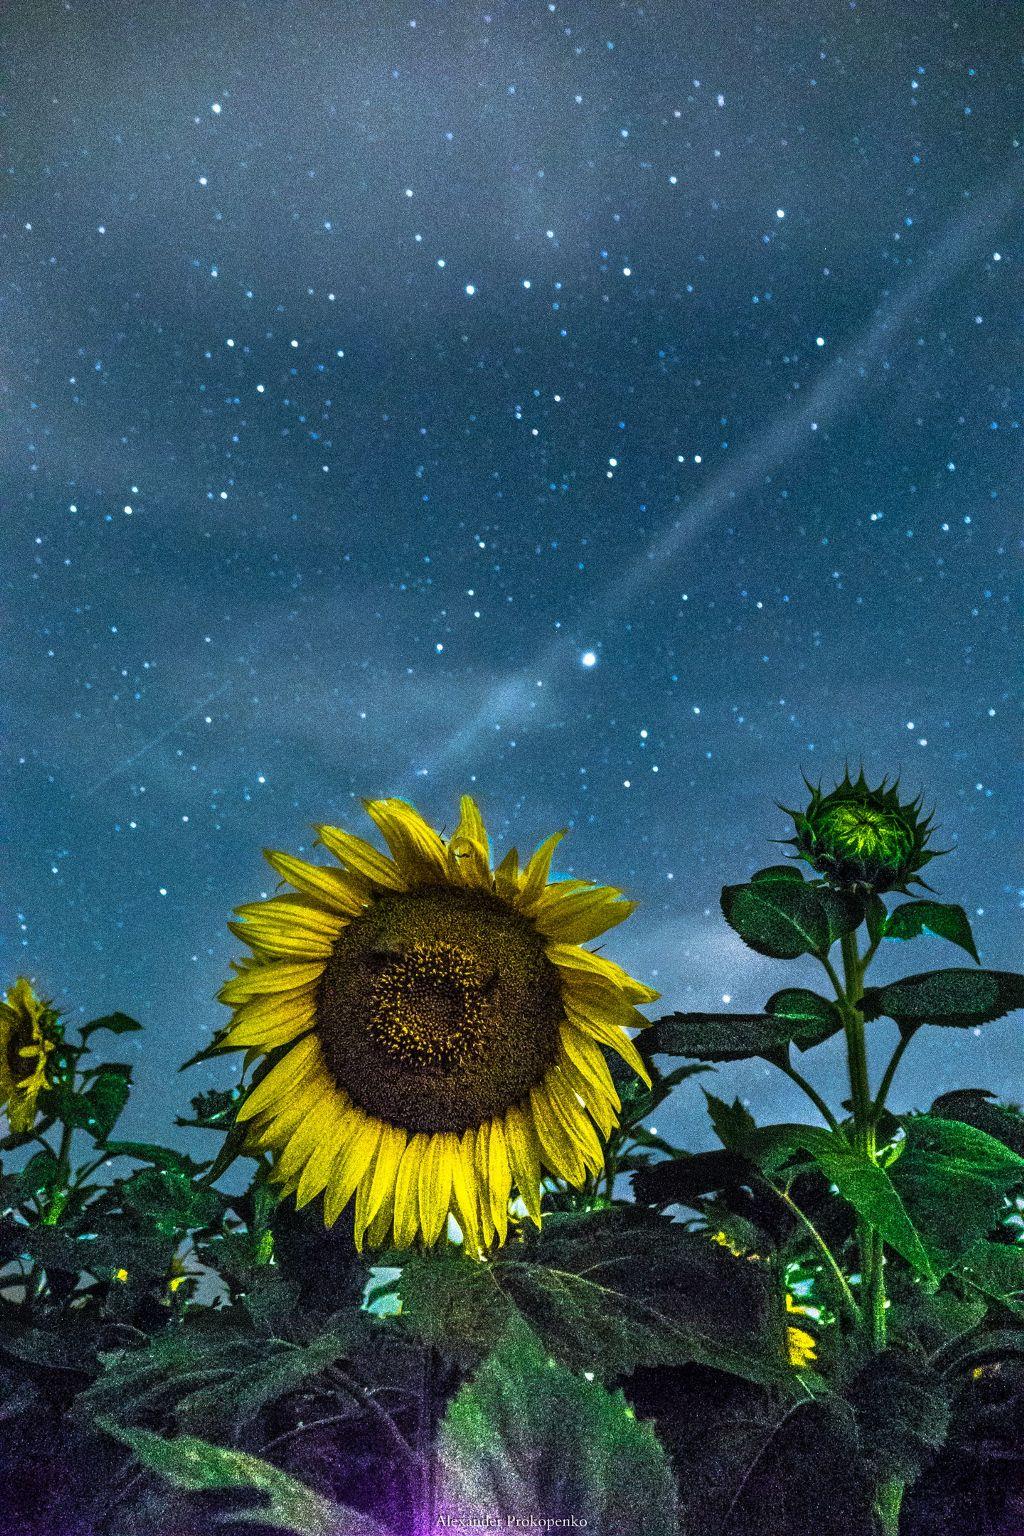 #sunflowers  #stars #longexposure  #night